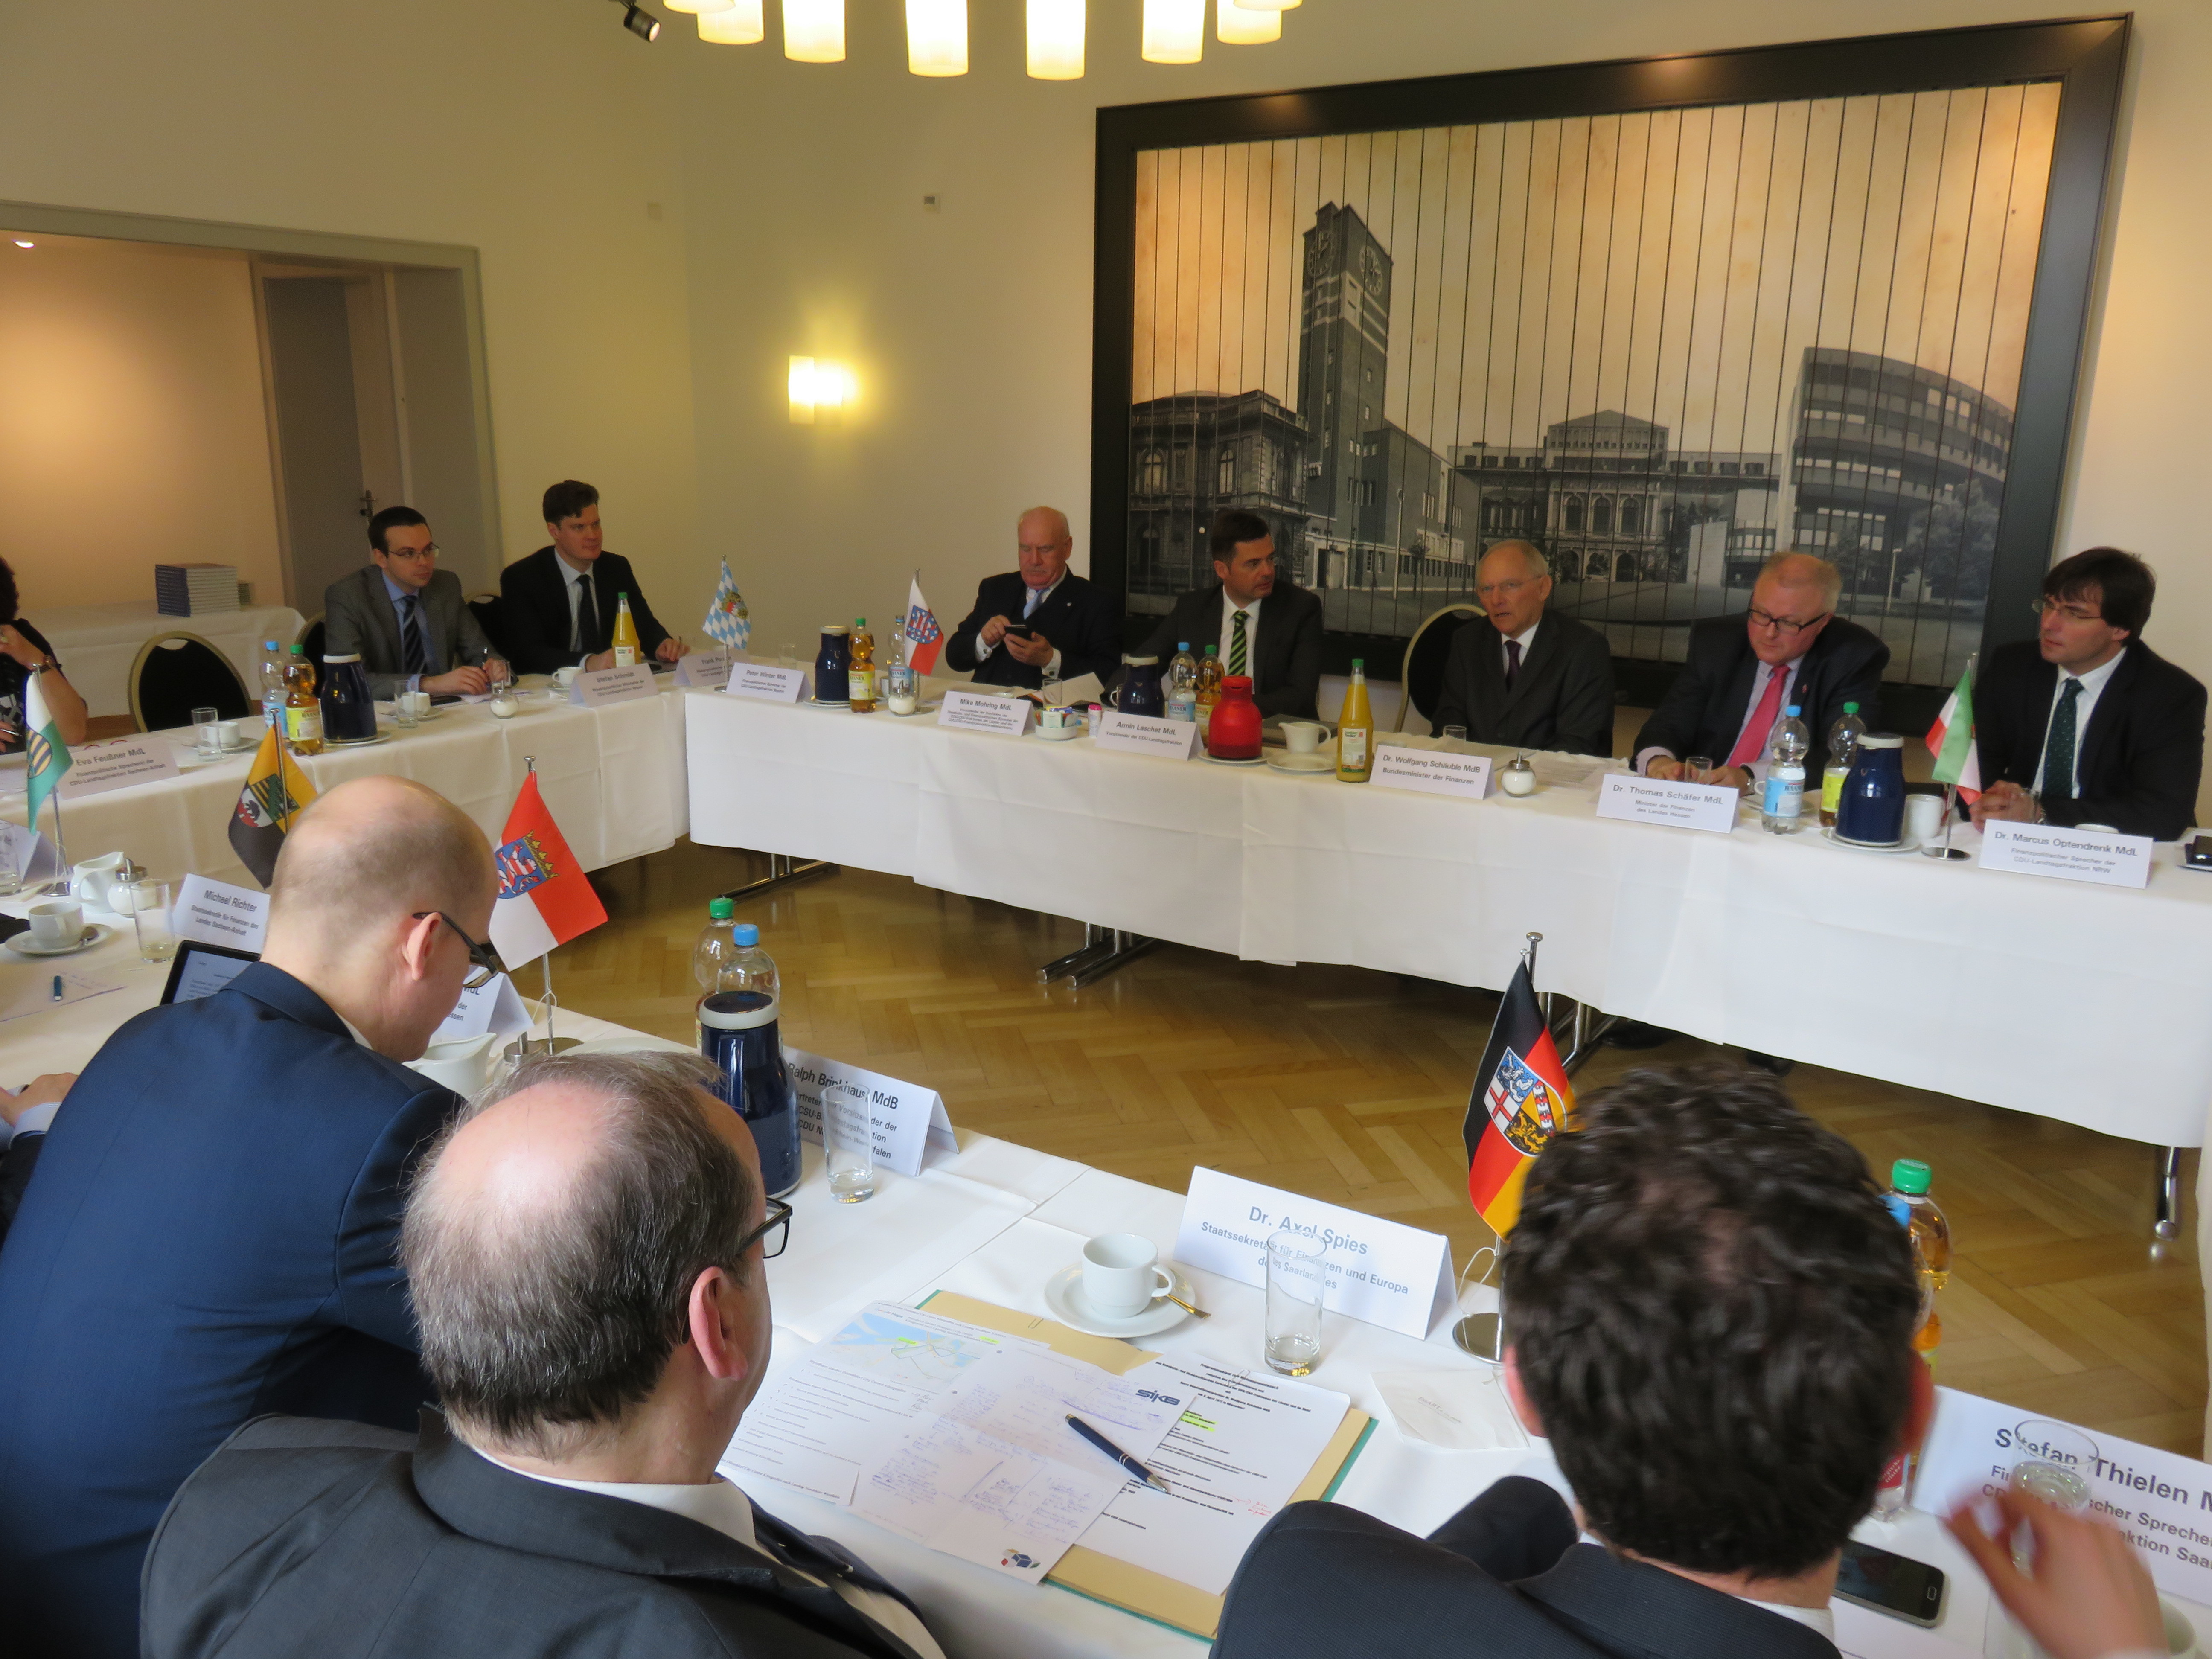 Düsseldorfer Erklärung zur Finanzpolitik